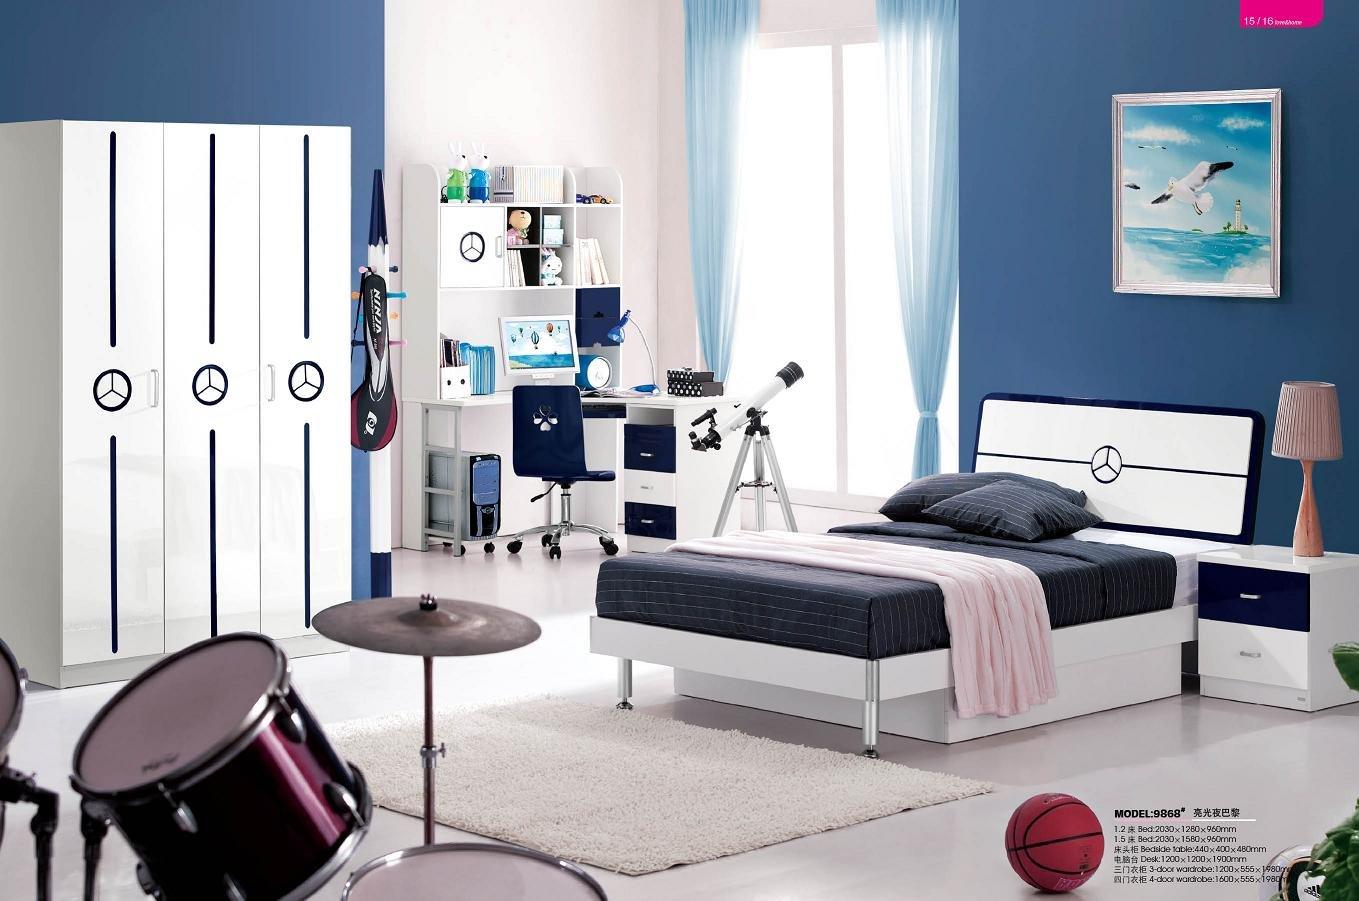 Dormitorios modernos para ni os imagui - Dormitorios infantiles modernos ...